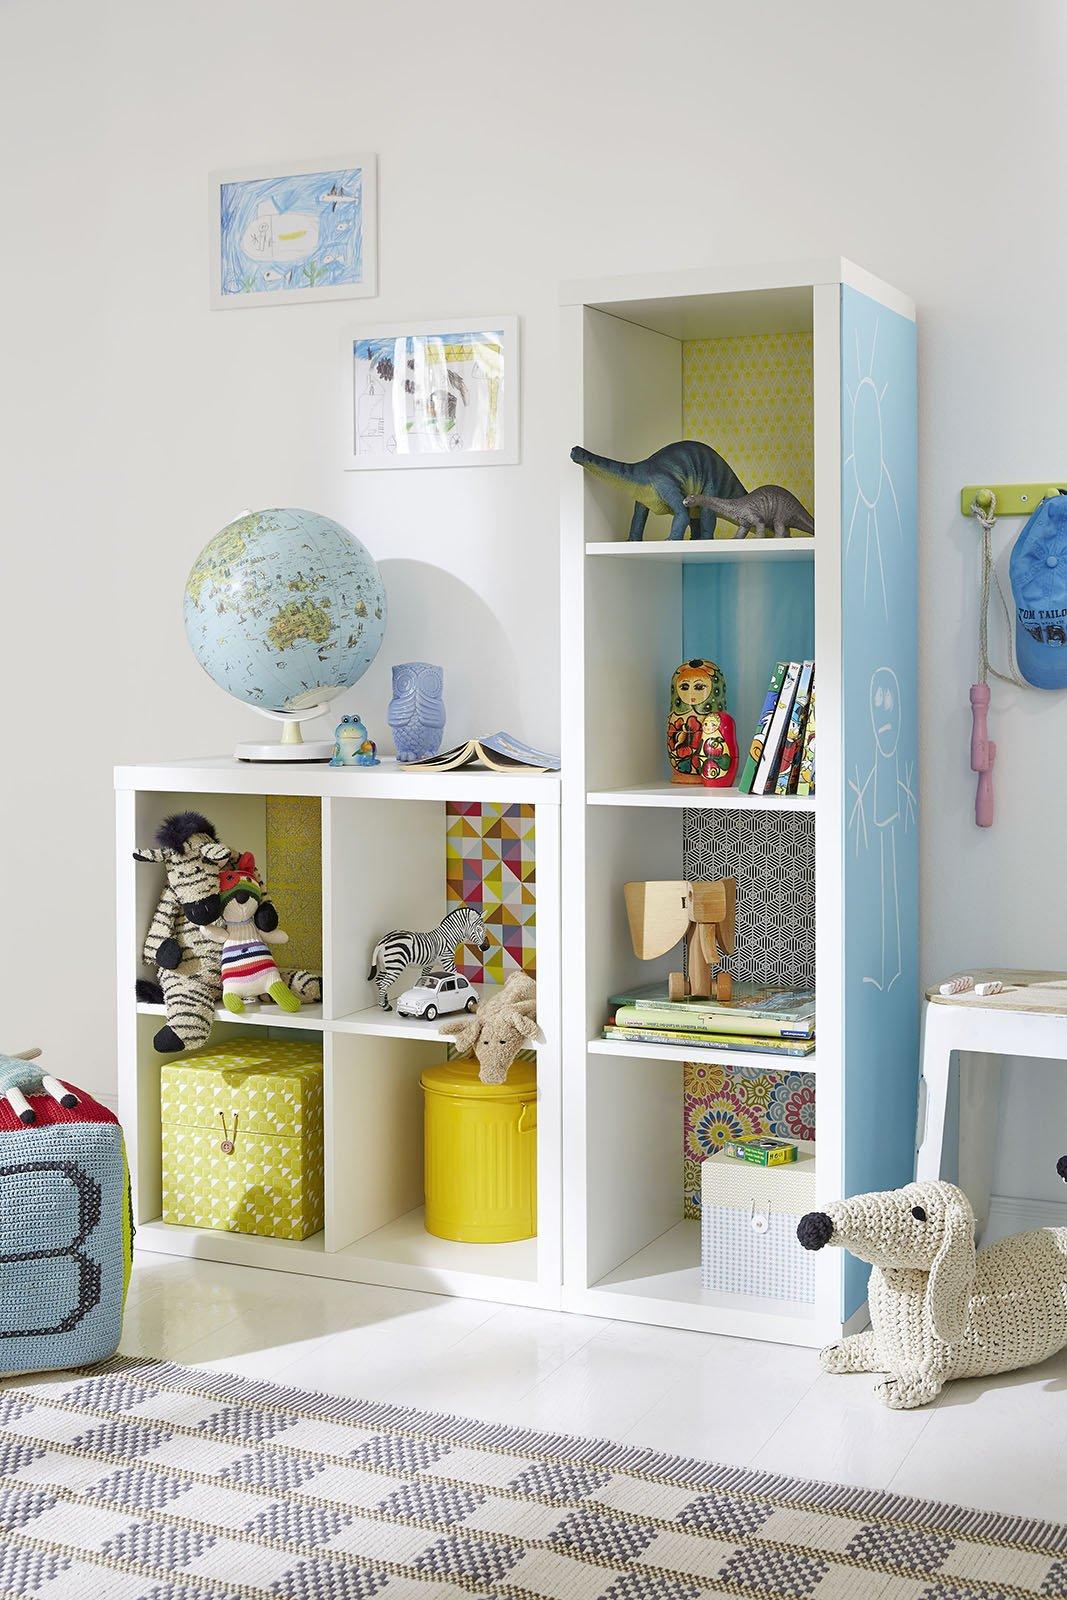 Personalizzare i mobili della camera dei bambini cose di casa - Ikea mobili camera bambini ...